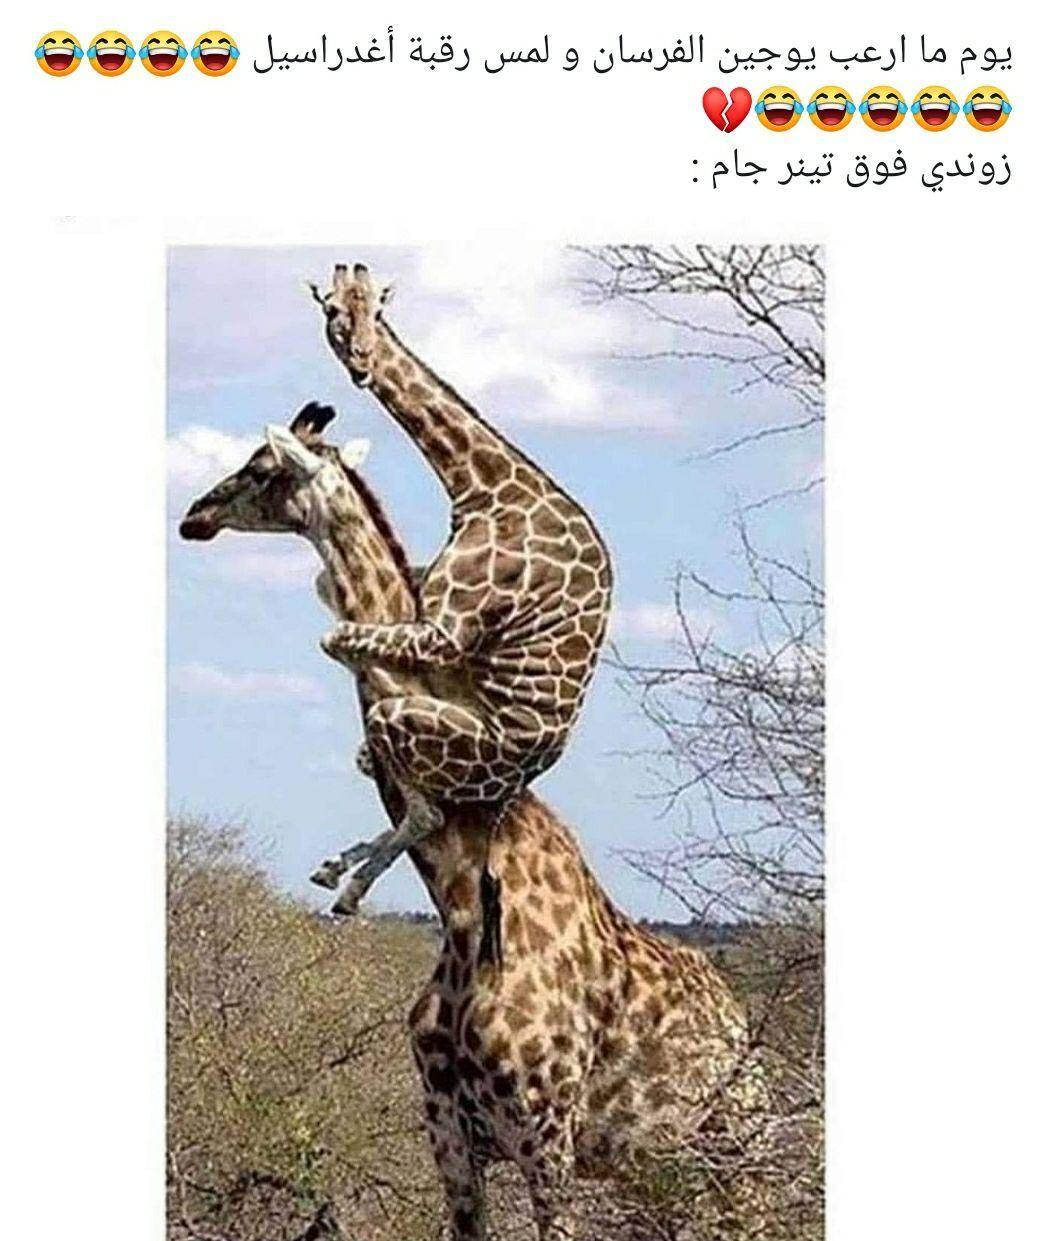 صور لشخصيات توبازيوس صور بلا هدف Cute Animals Student Memes Animals